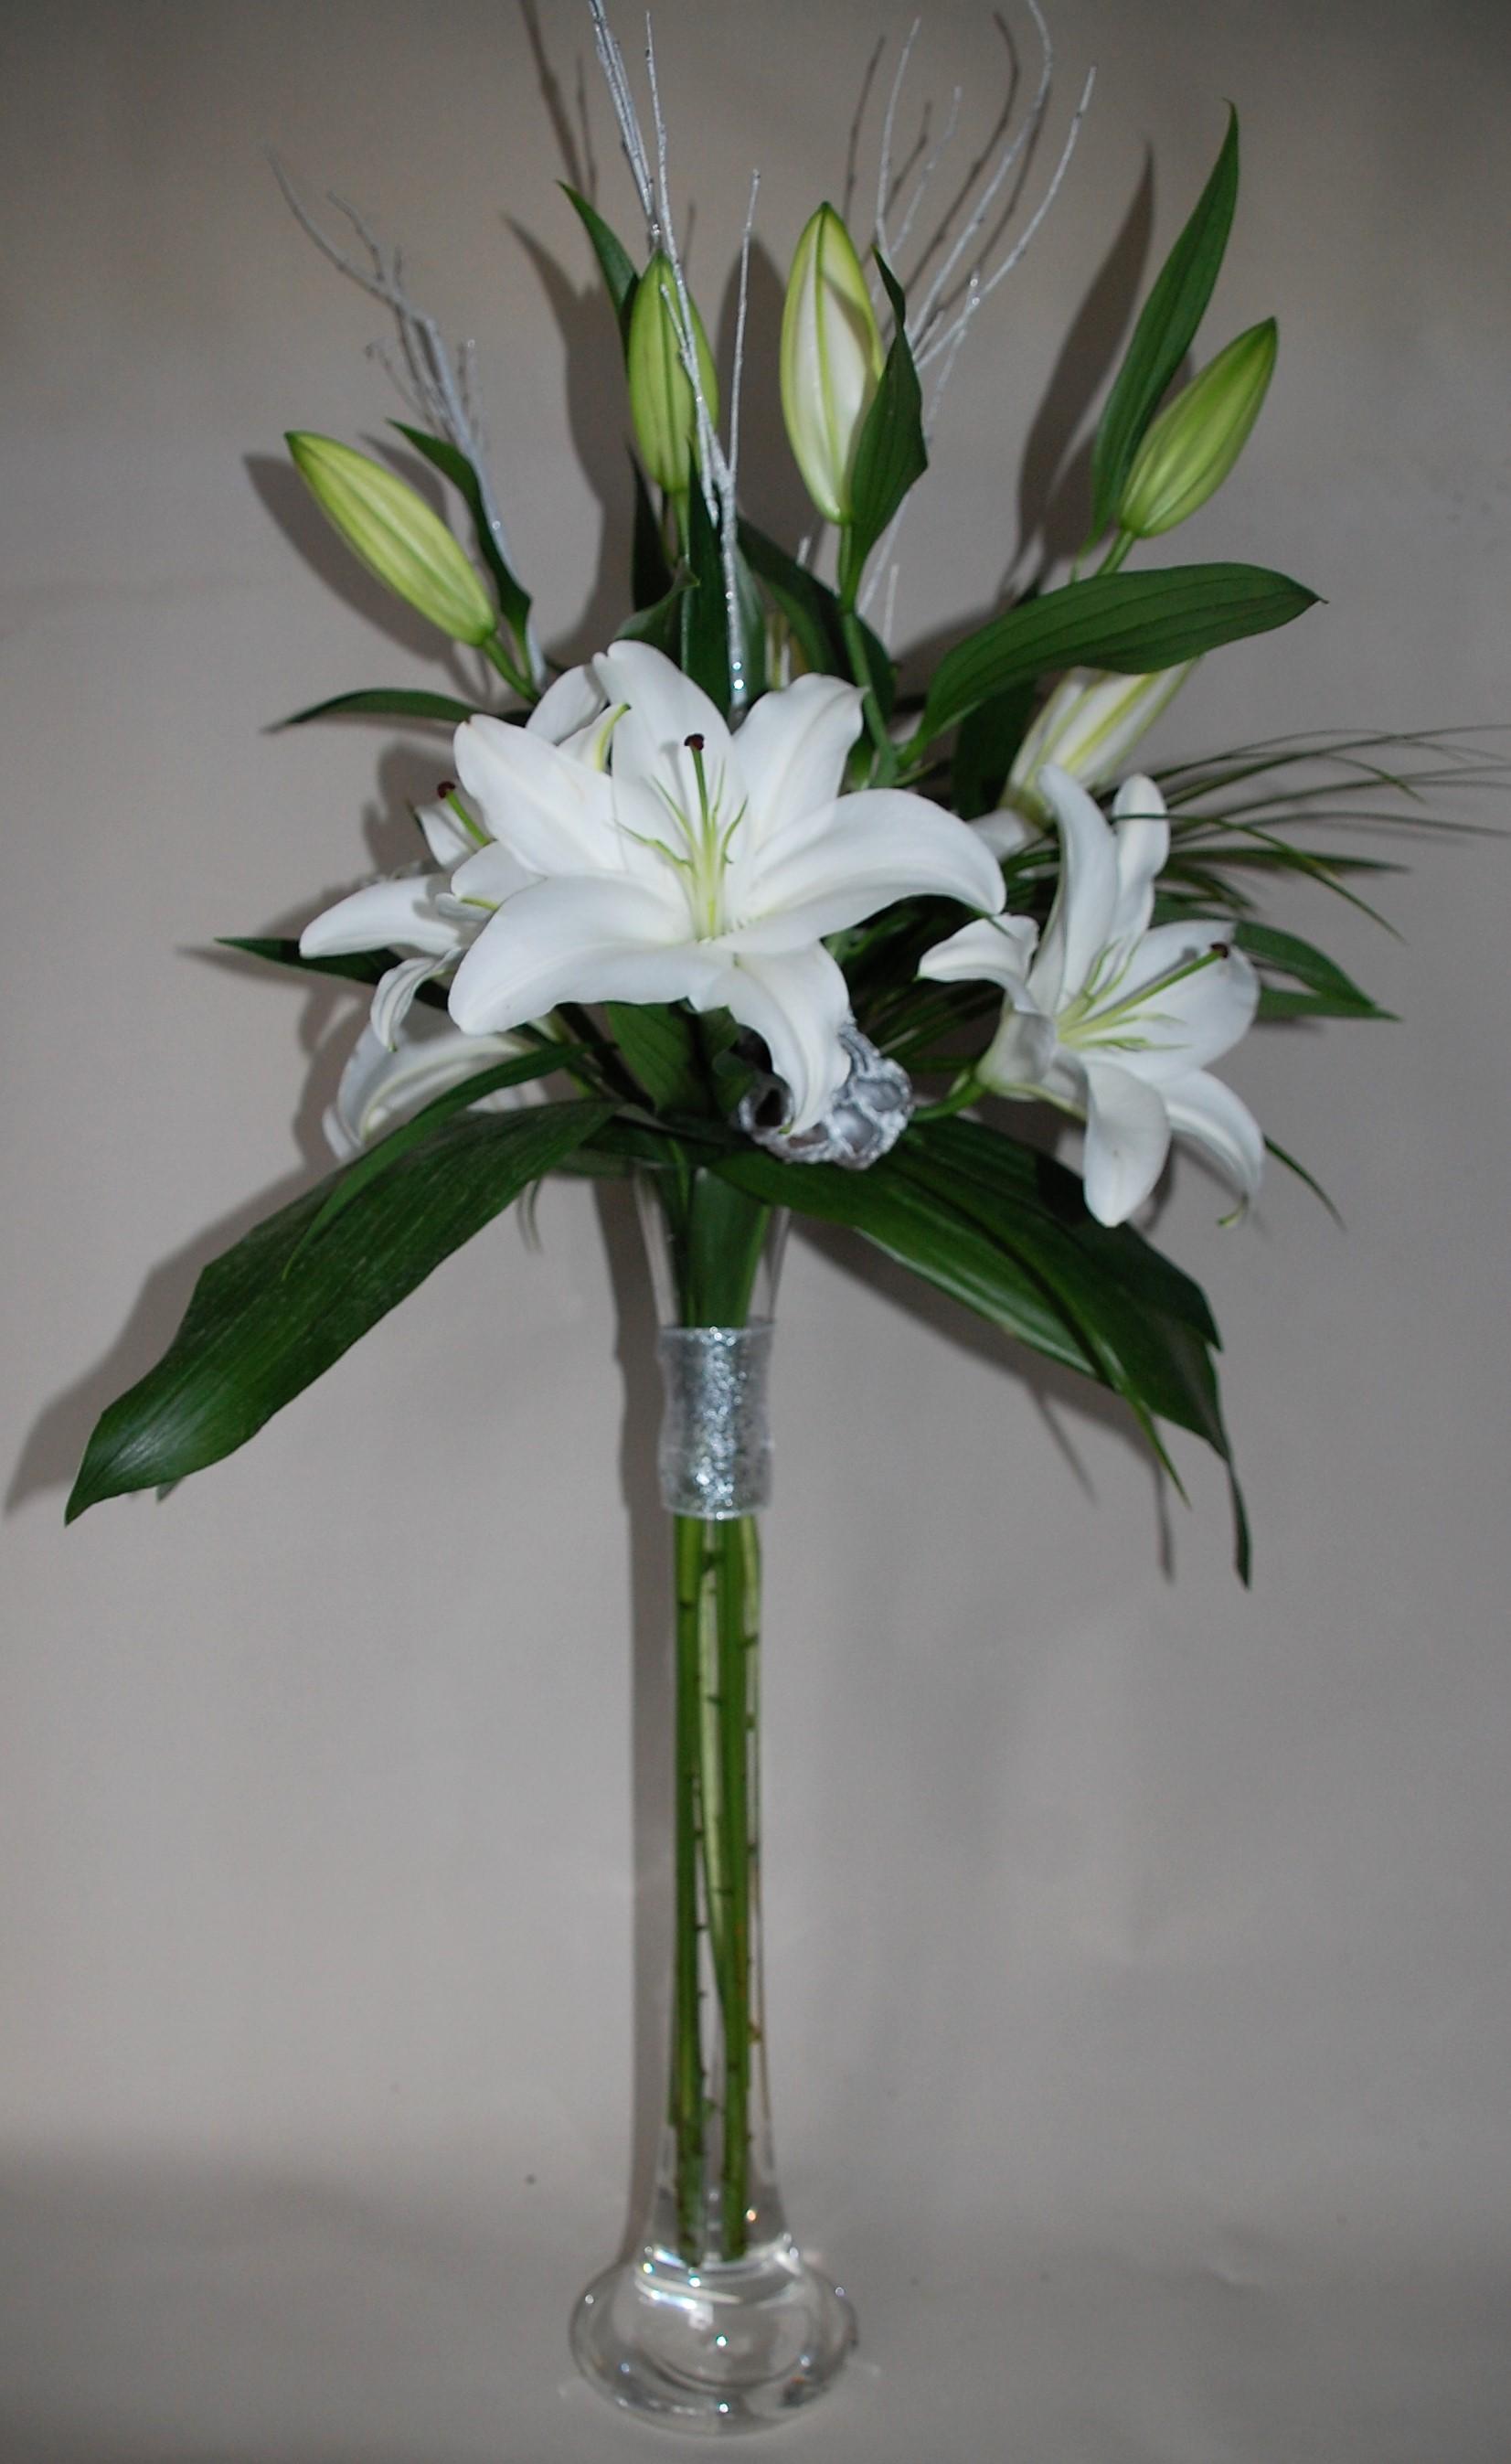 Design 1 Lily Vase